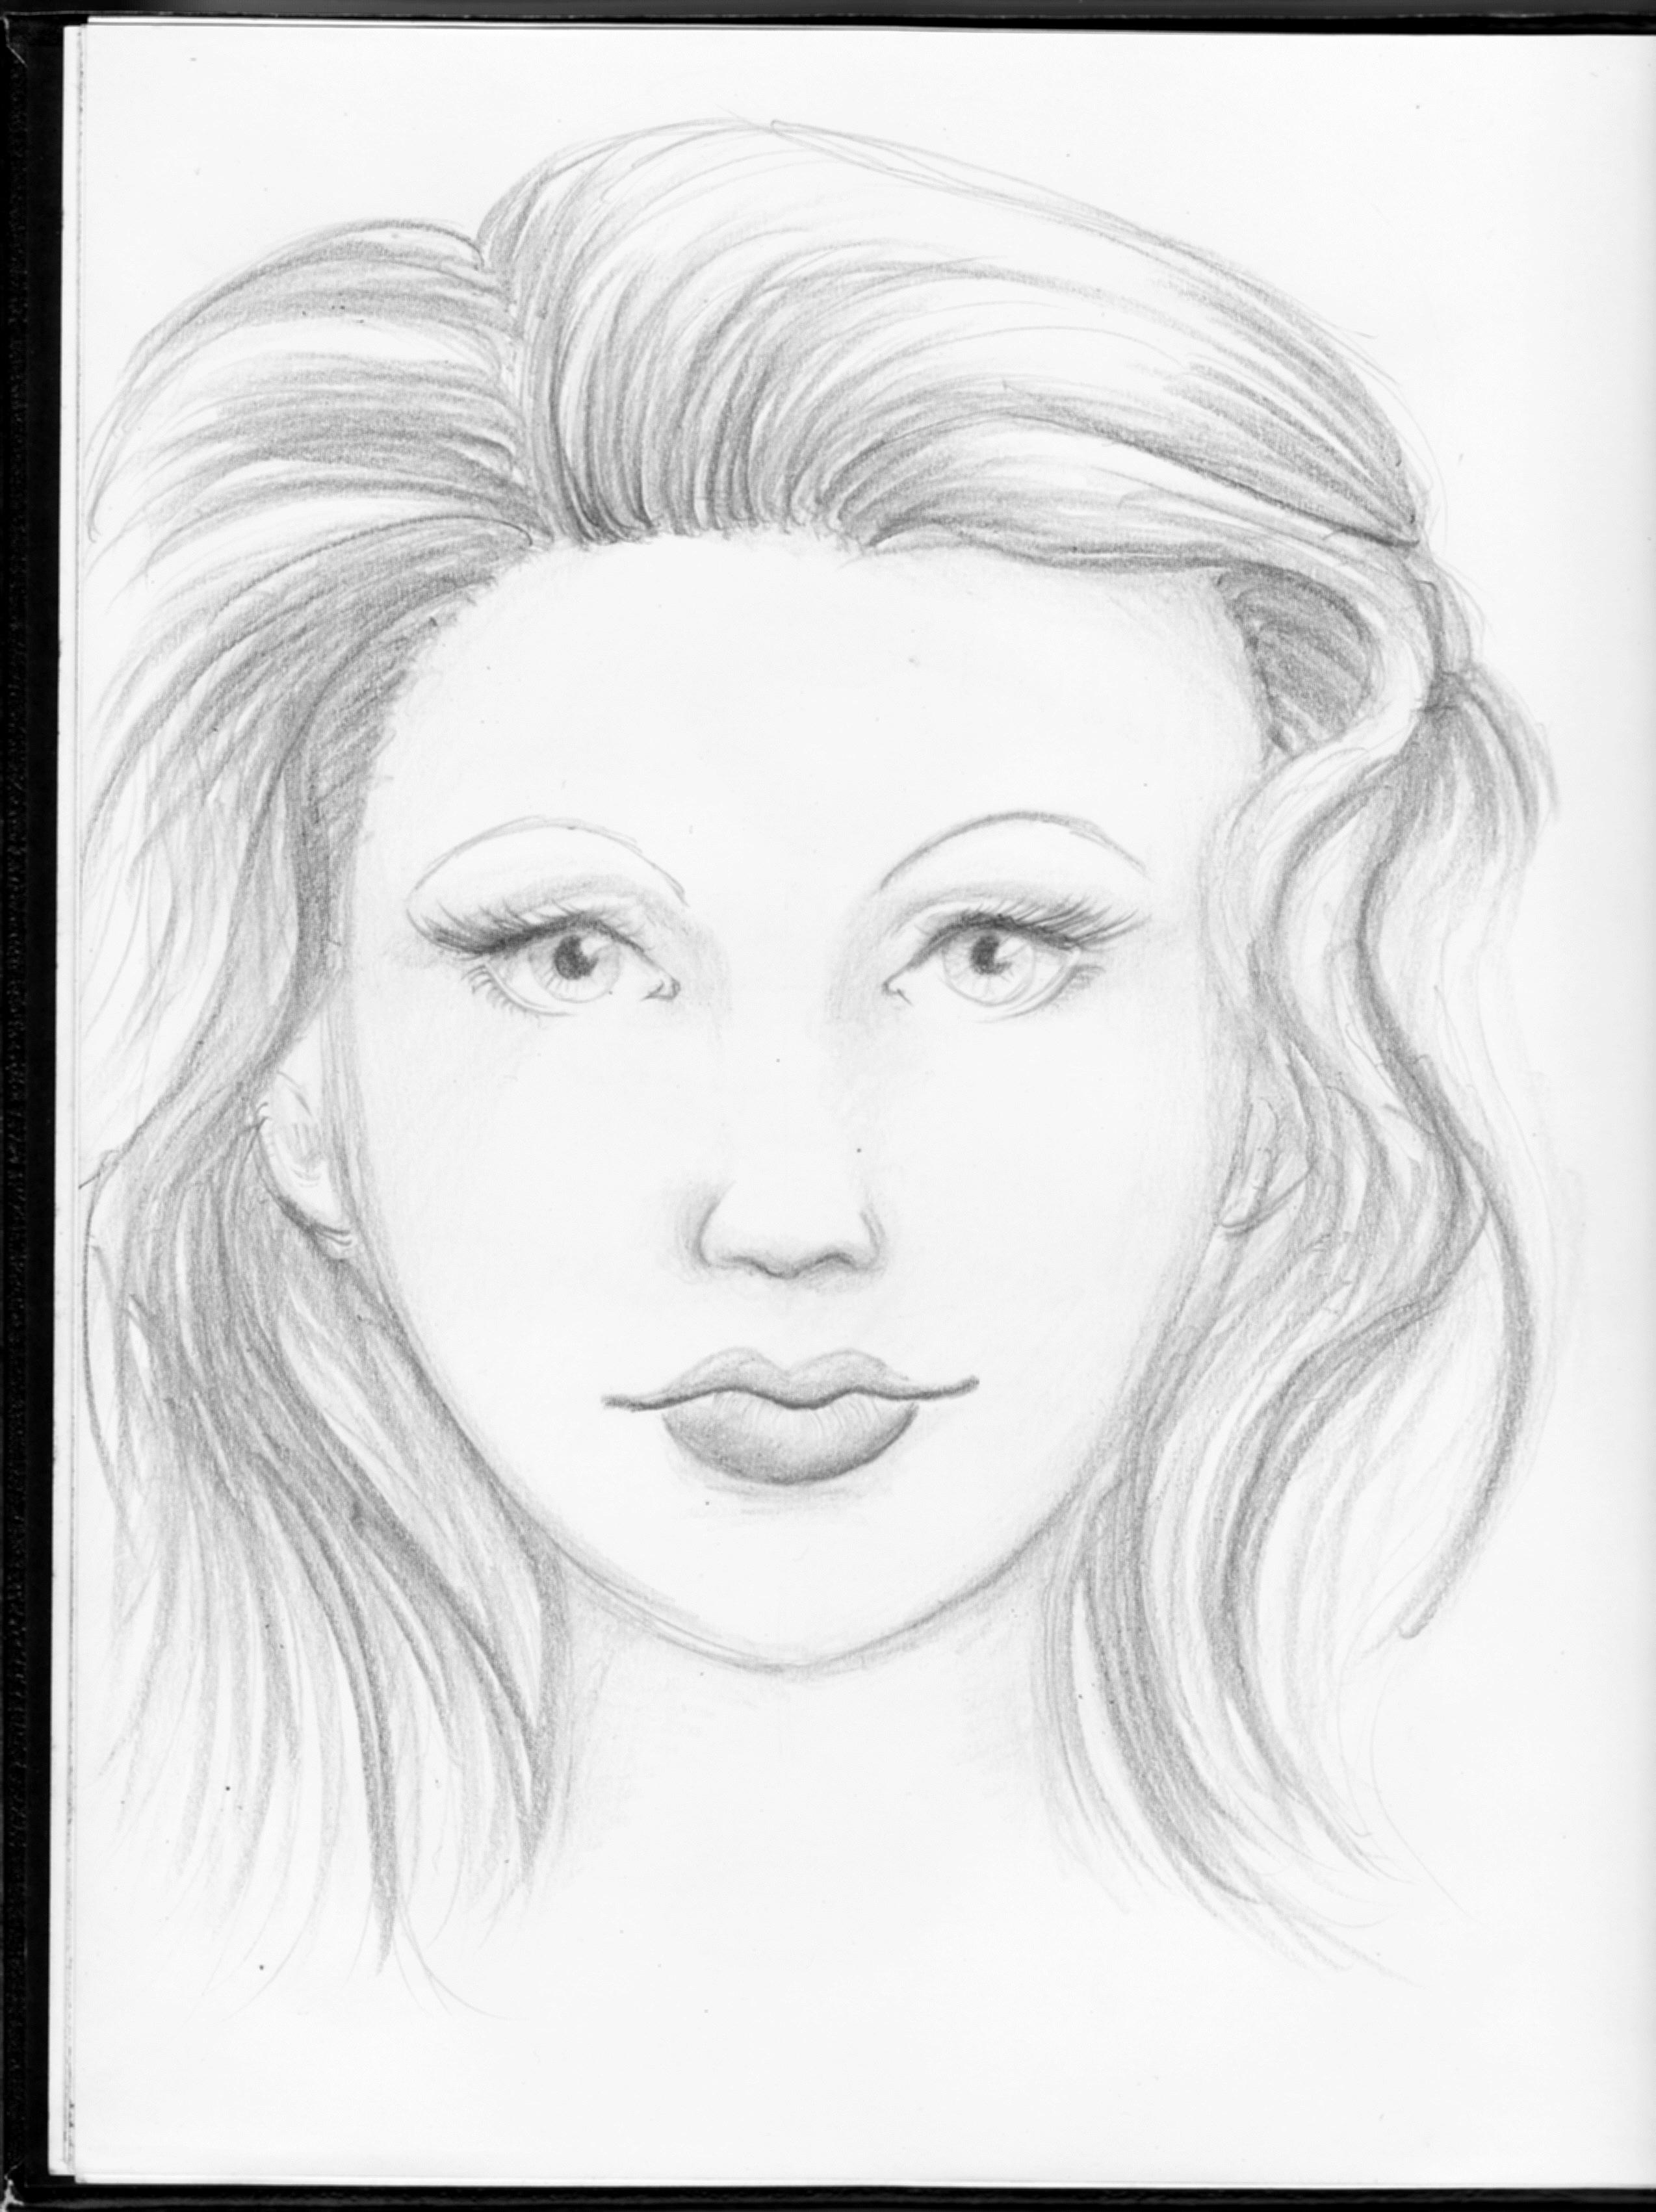 Sad Faces Drawing At Getdrawings